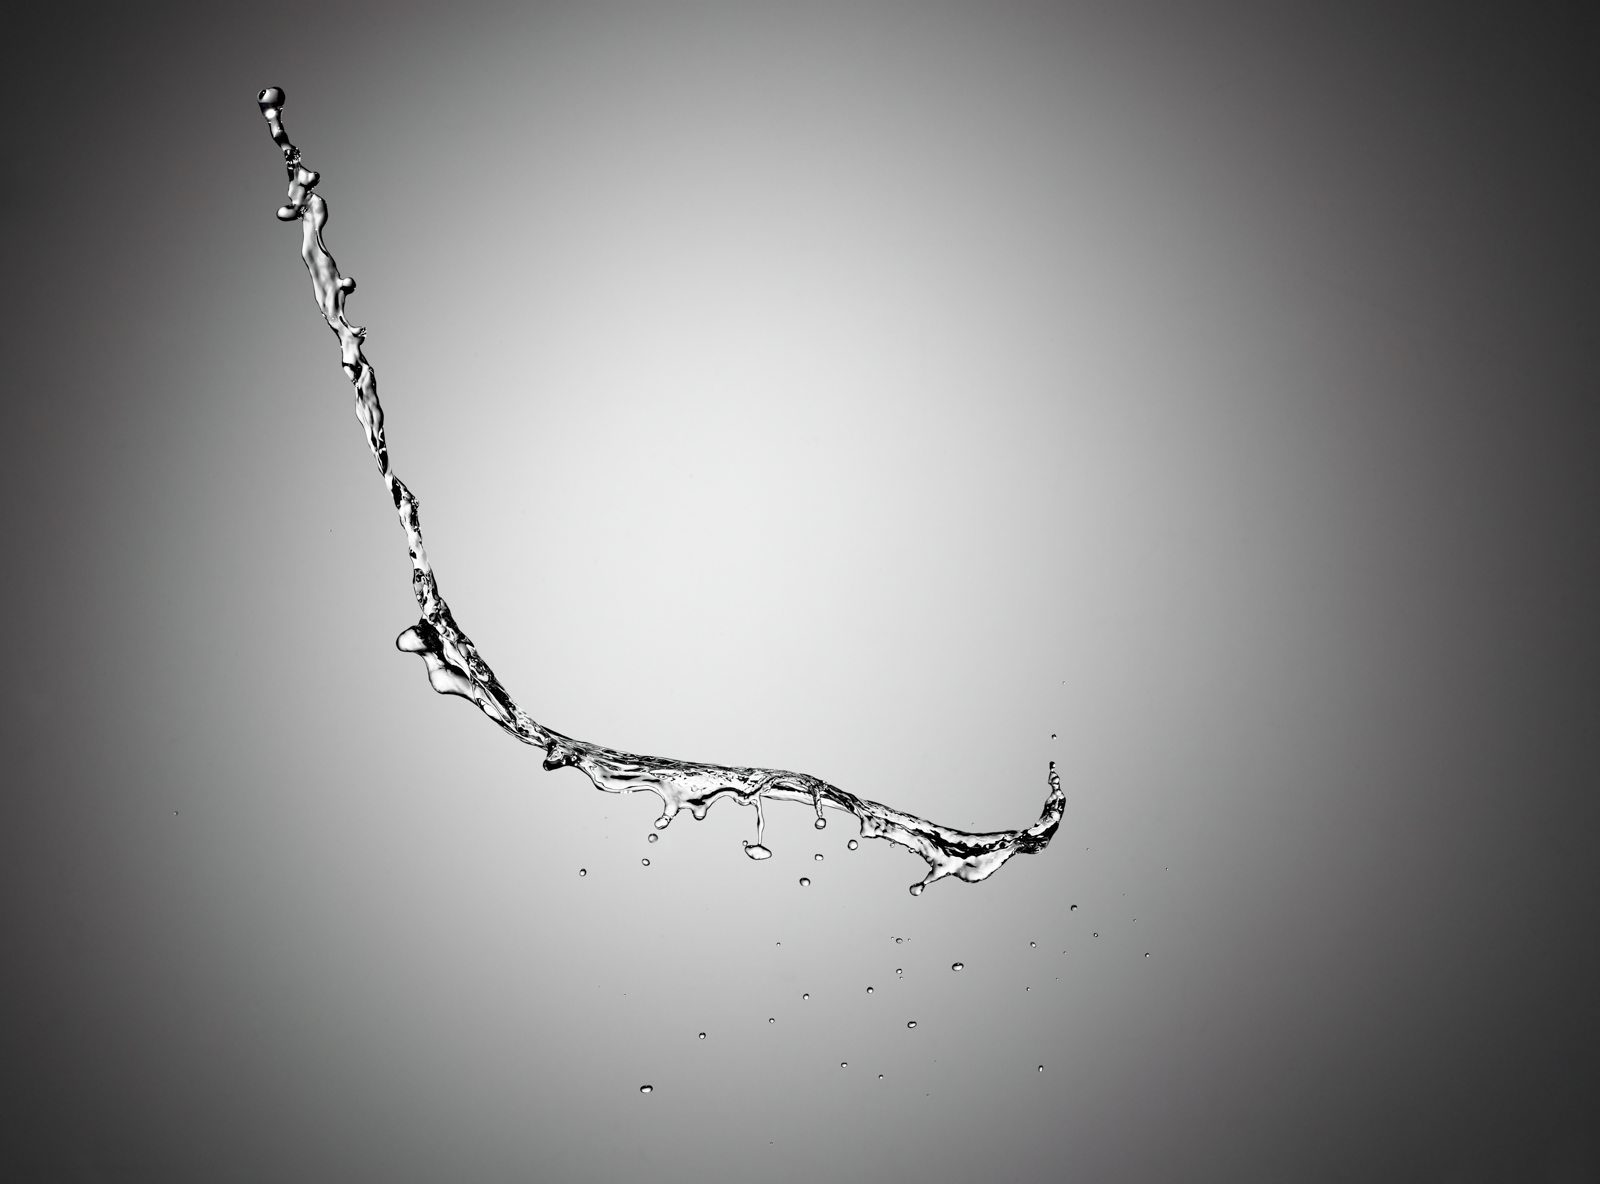 liquid_003.jpg